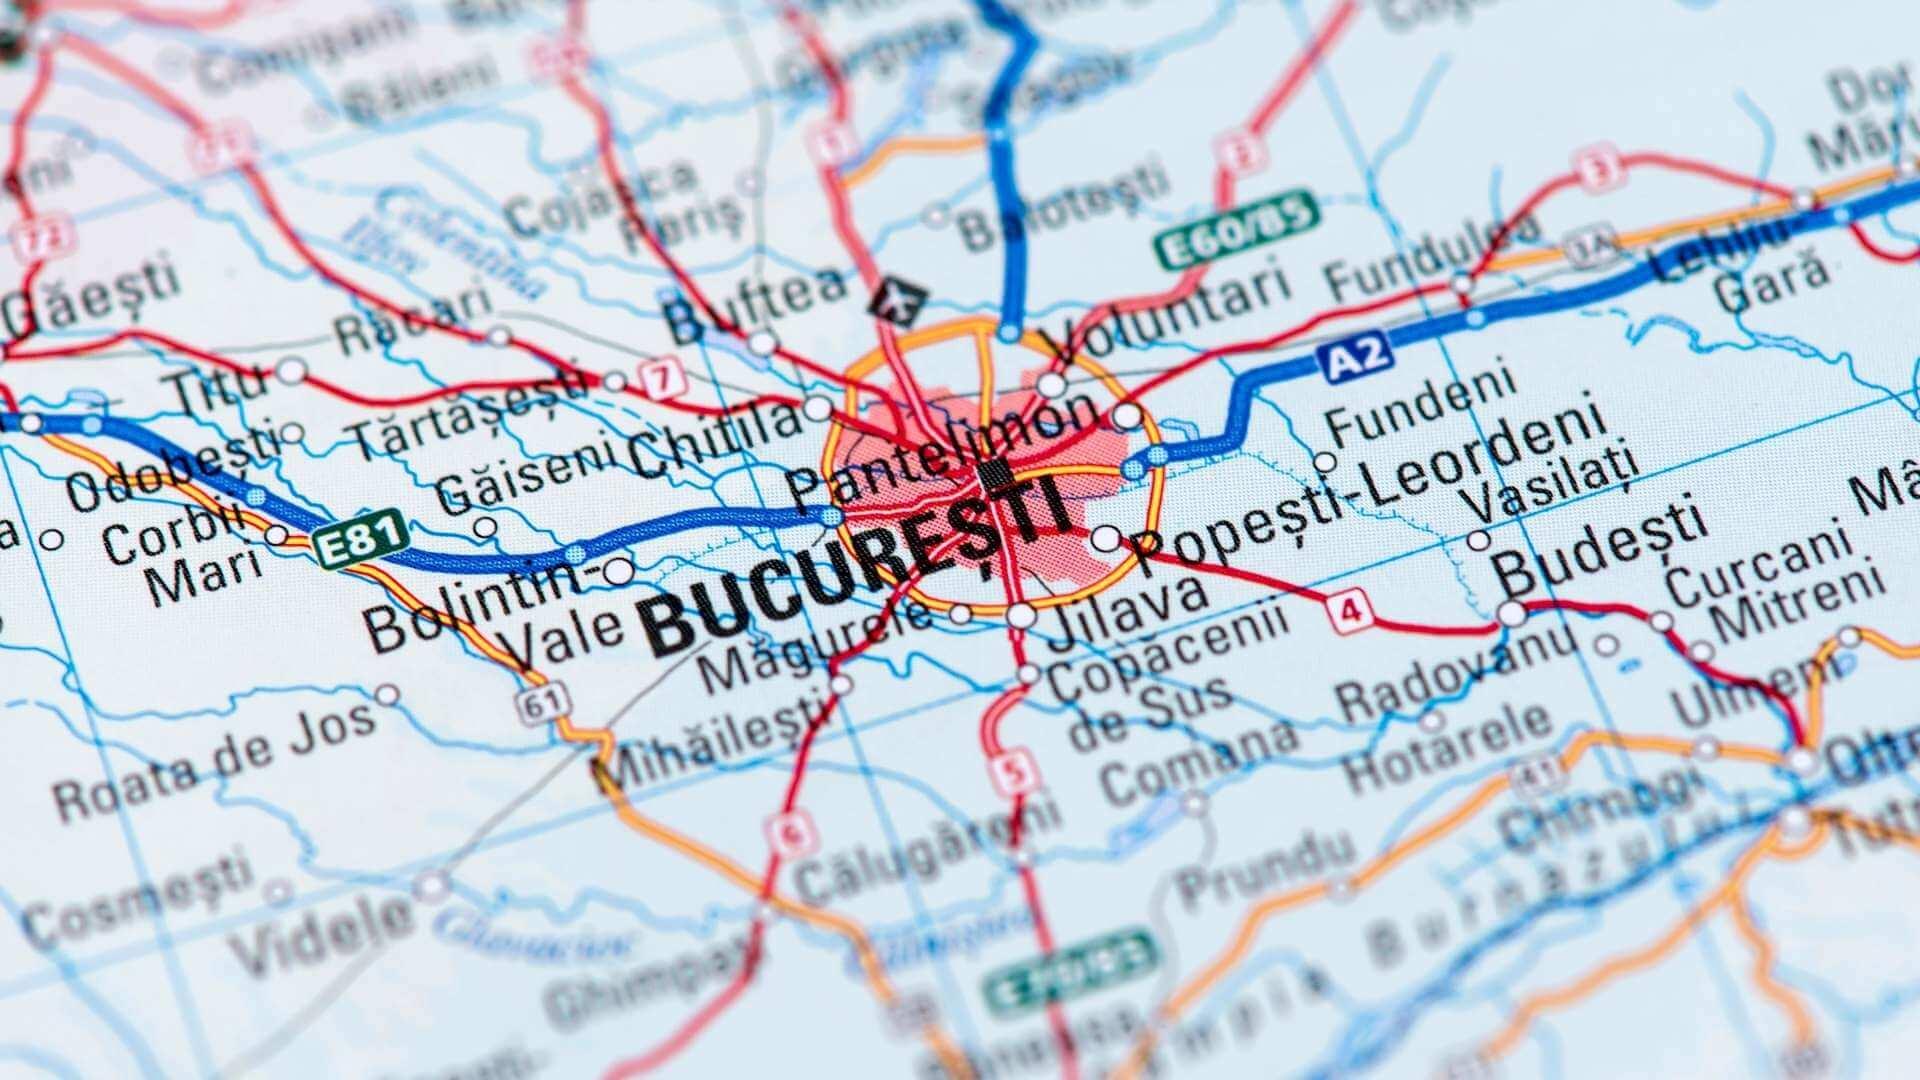 Primăriile din București au fost amendate cu 2 milioane de lei pentru calitatea aerului și gestiunea deșeurilor